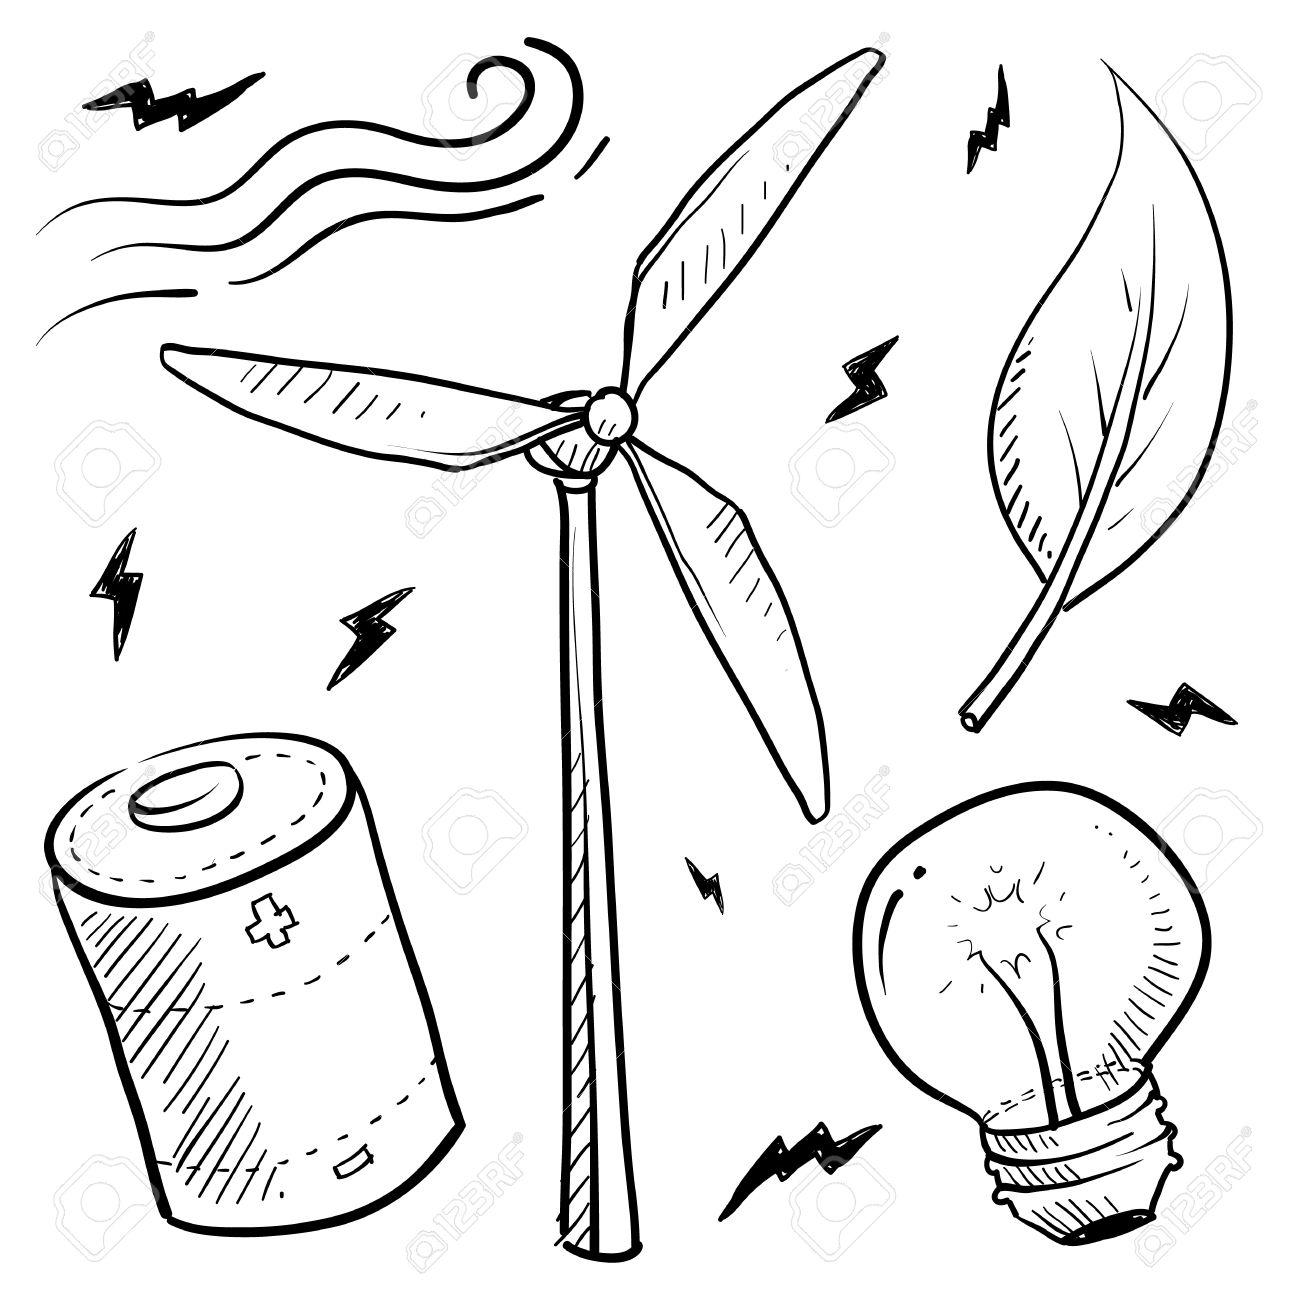 1299x1300 Doodle Style Renewable Wind Energy Sketch In Vector Format Set